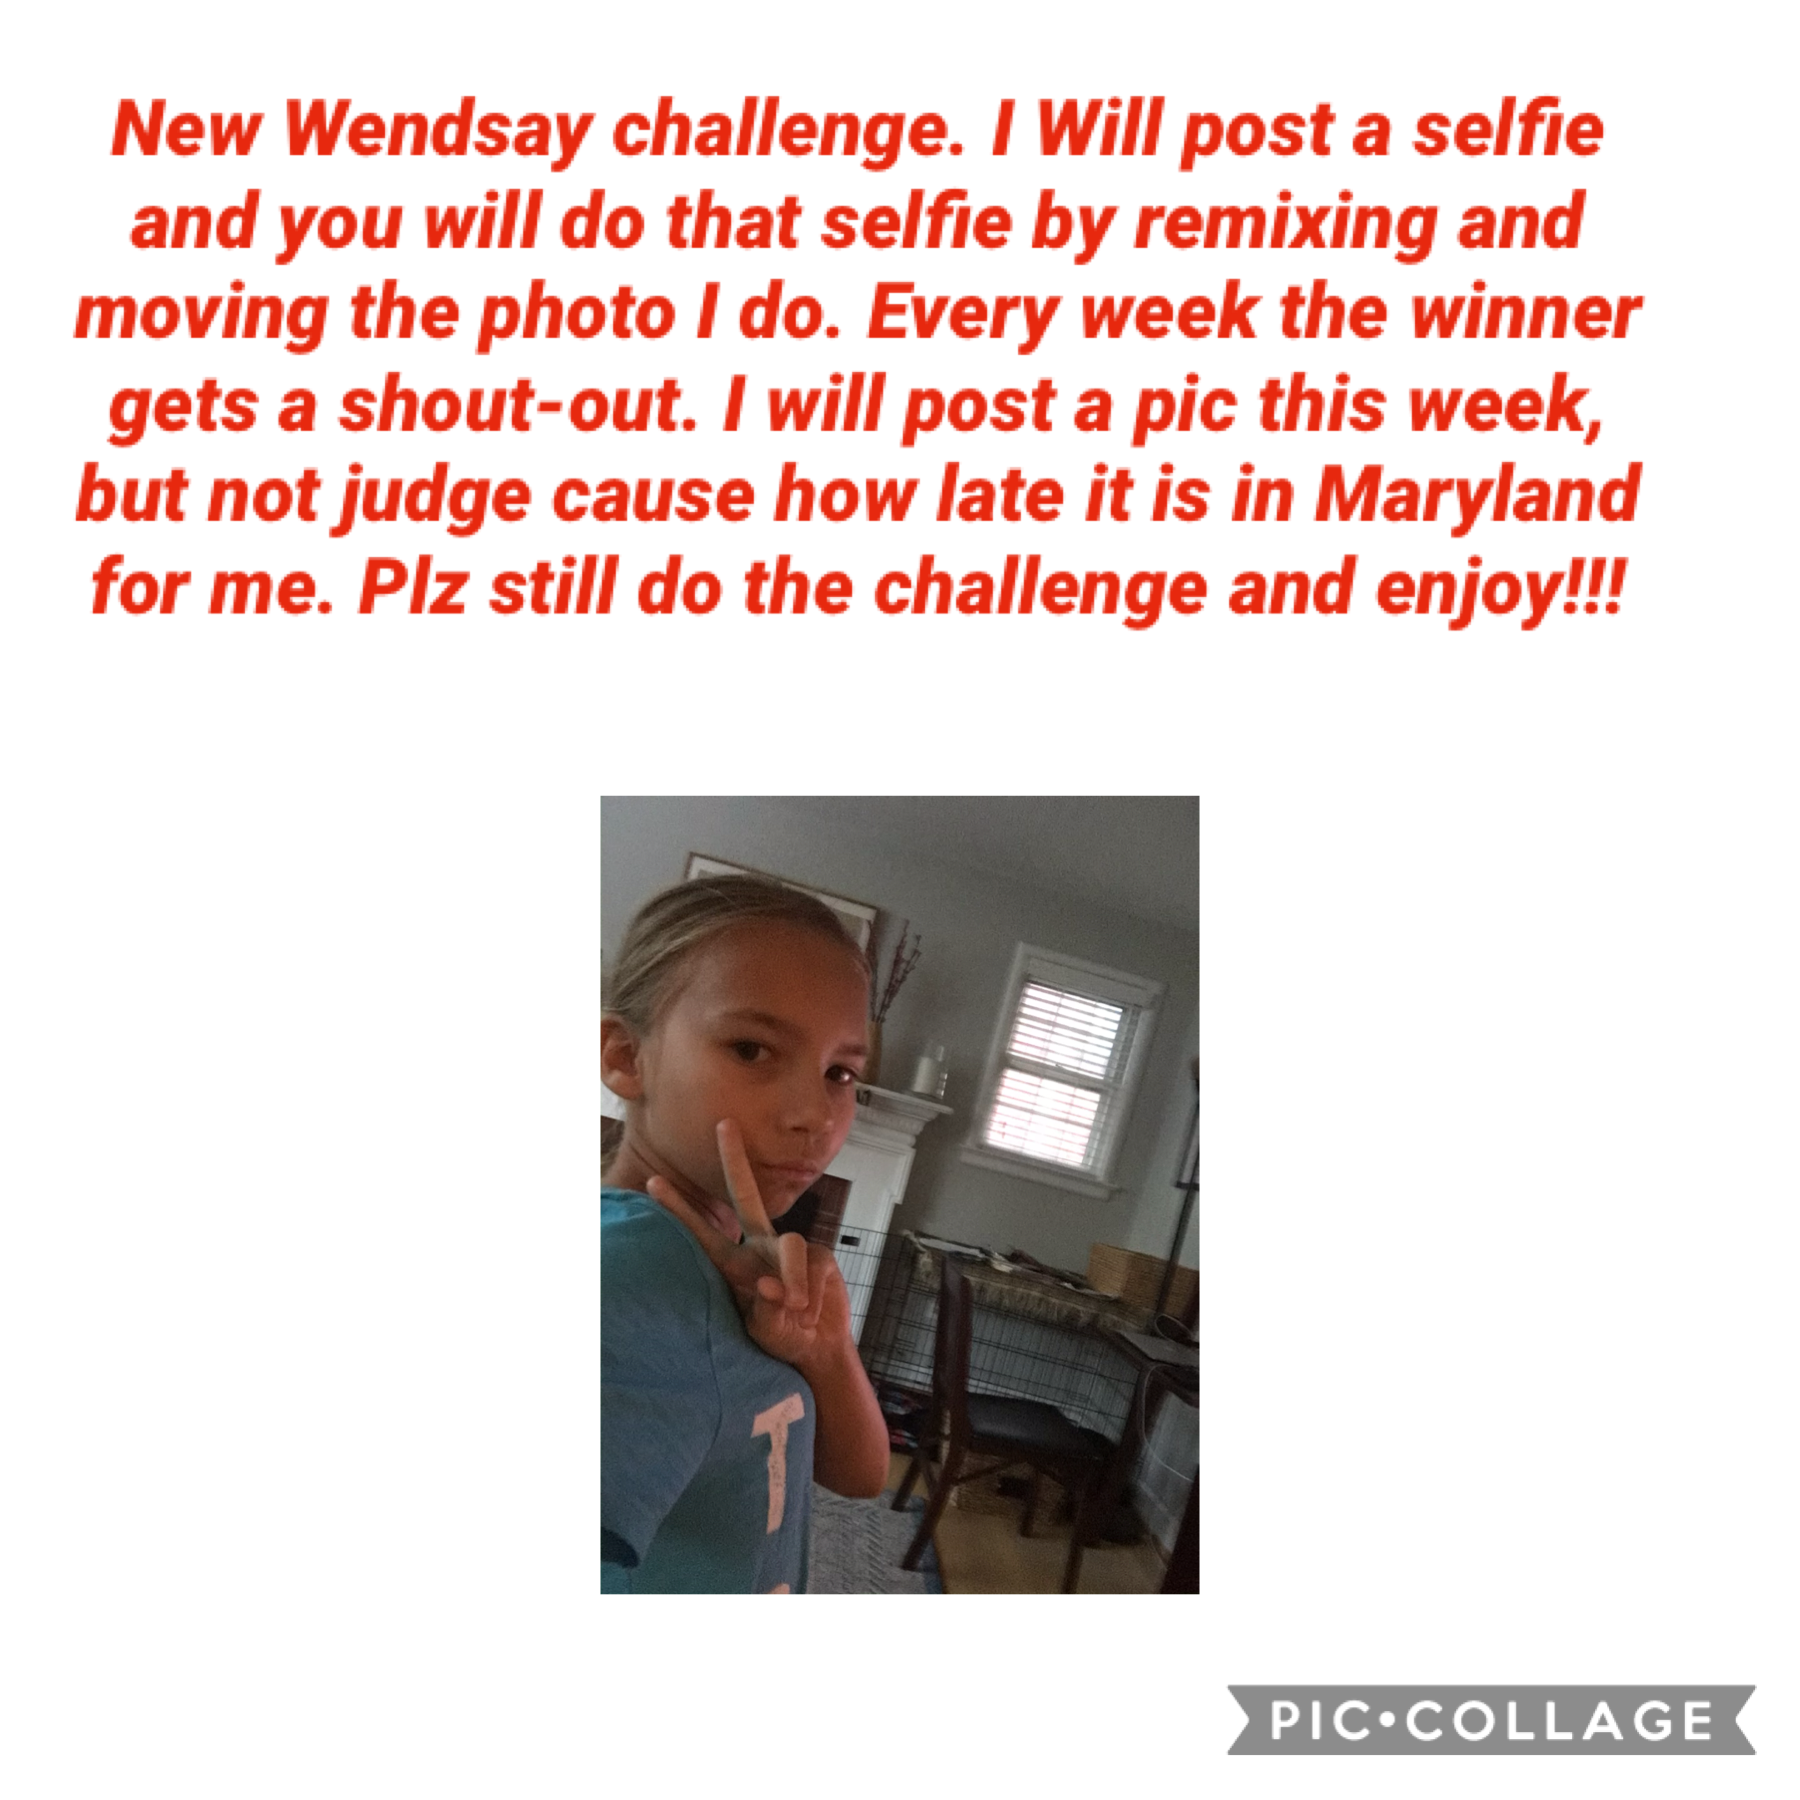 Wendsay challenge